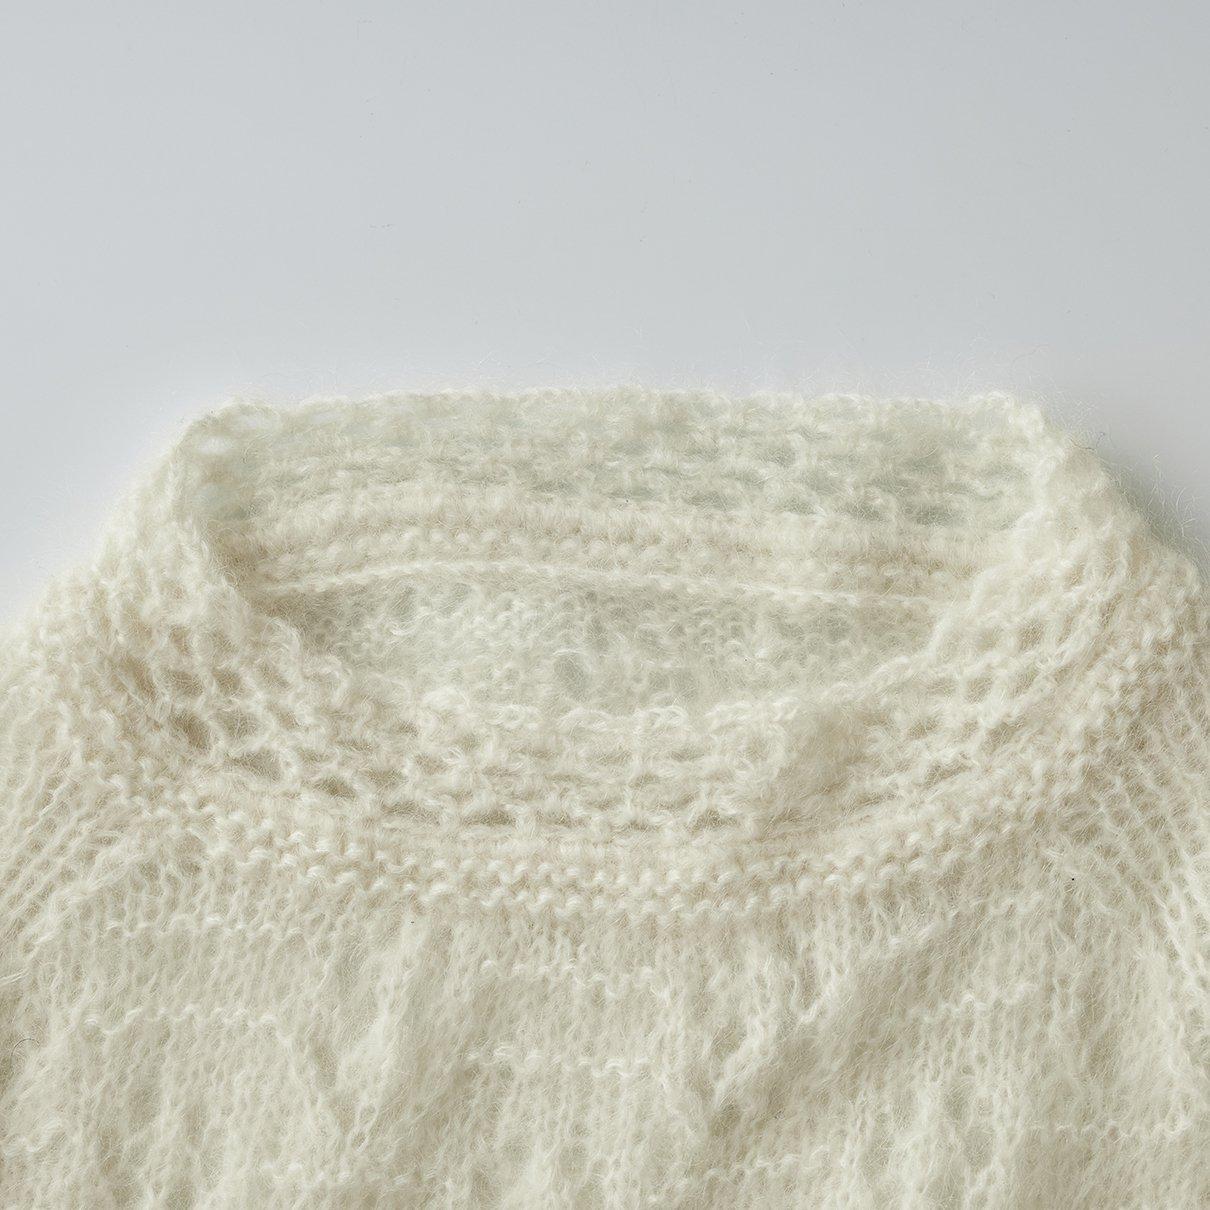 透かし編みラグランプルオーバー